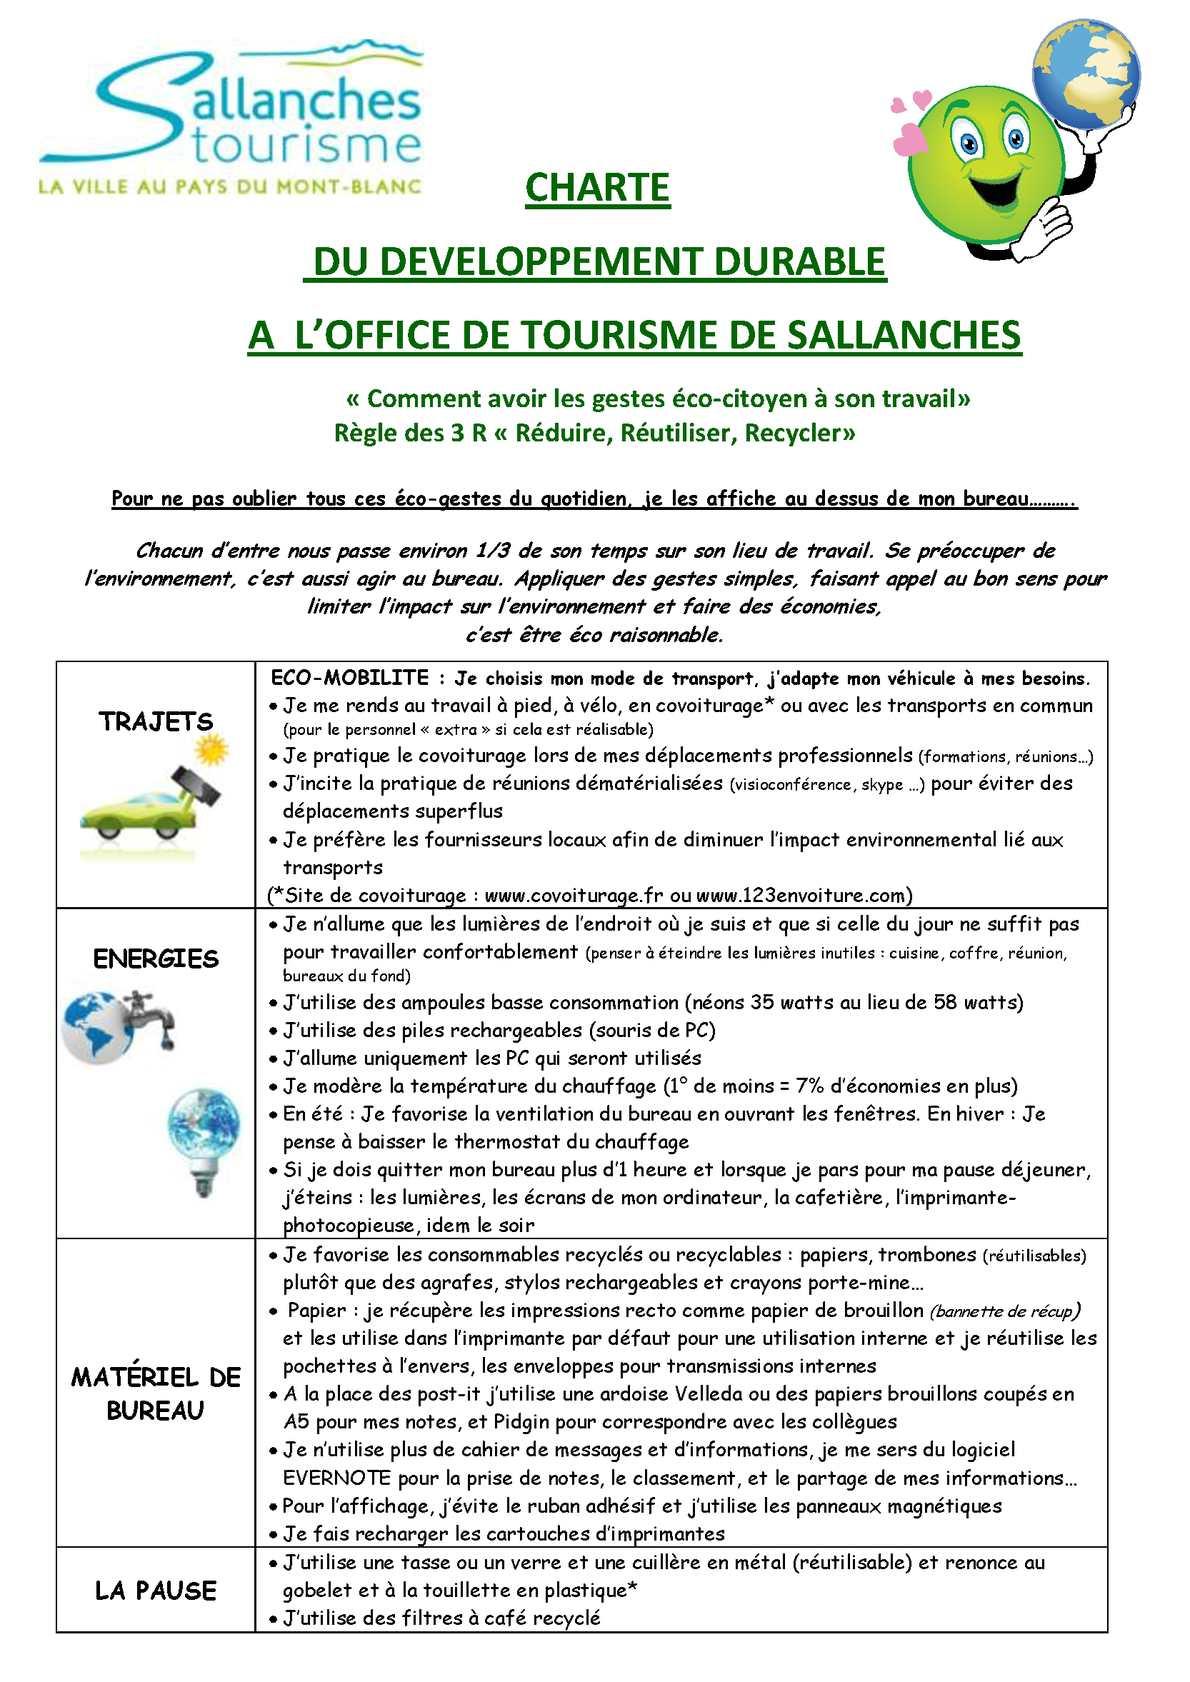 Calam o la charte d veloppement durable de l 39 office de tourisme - Office de tourisme emploi ...